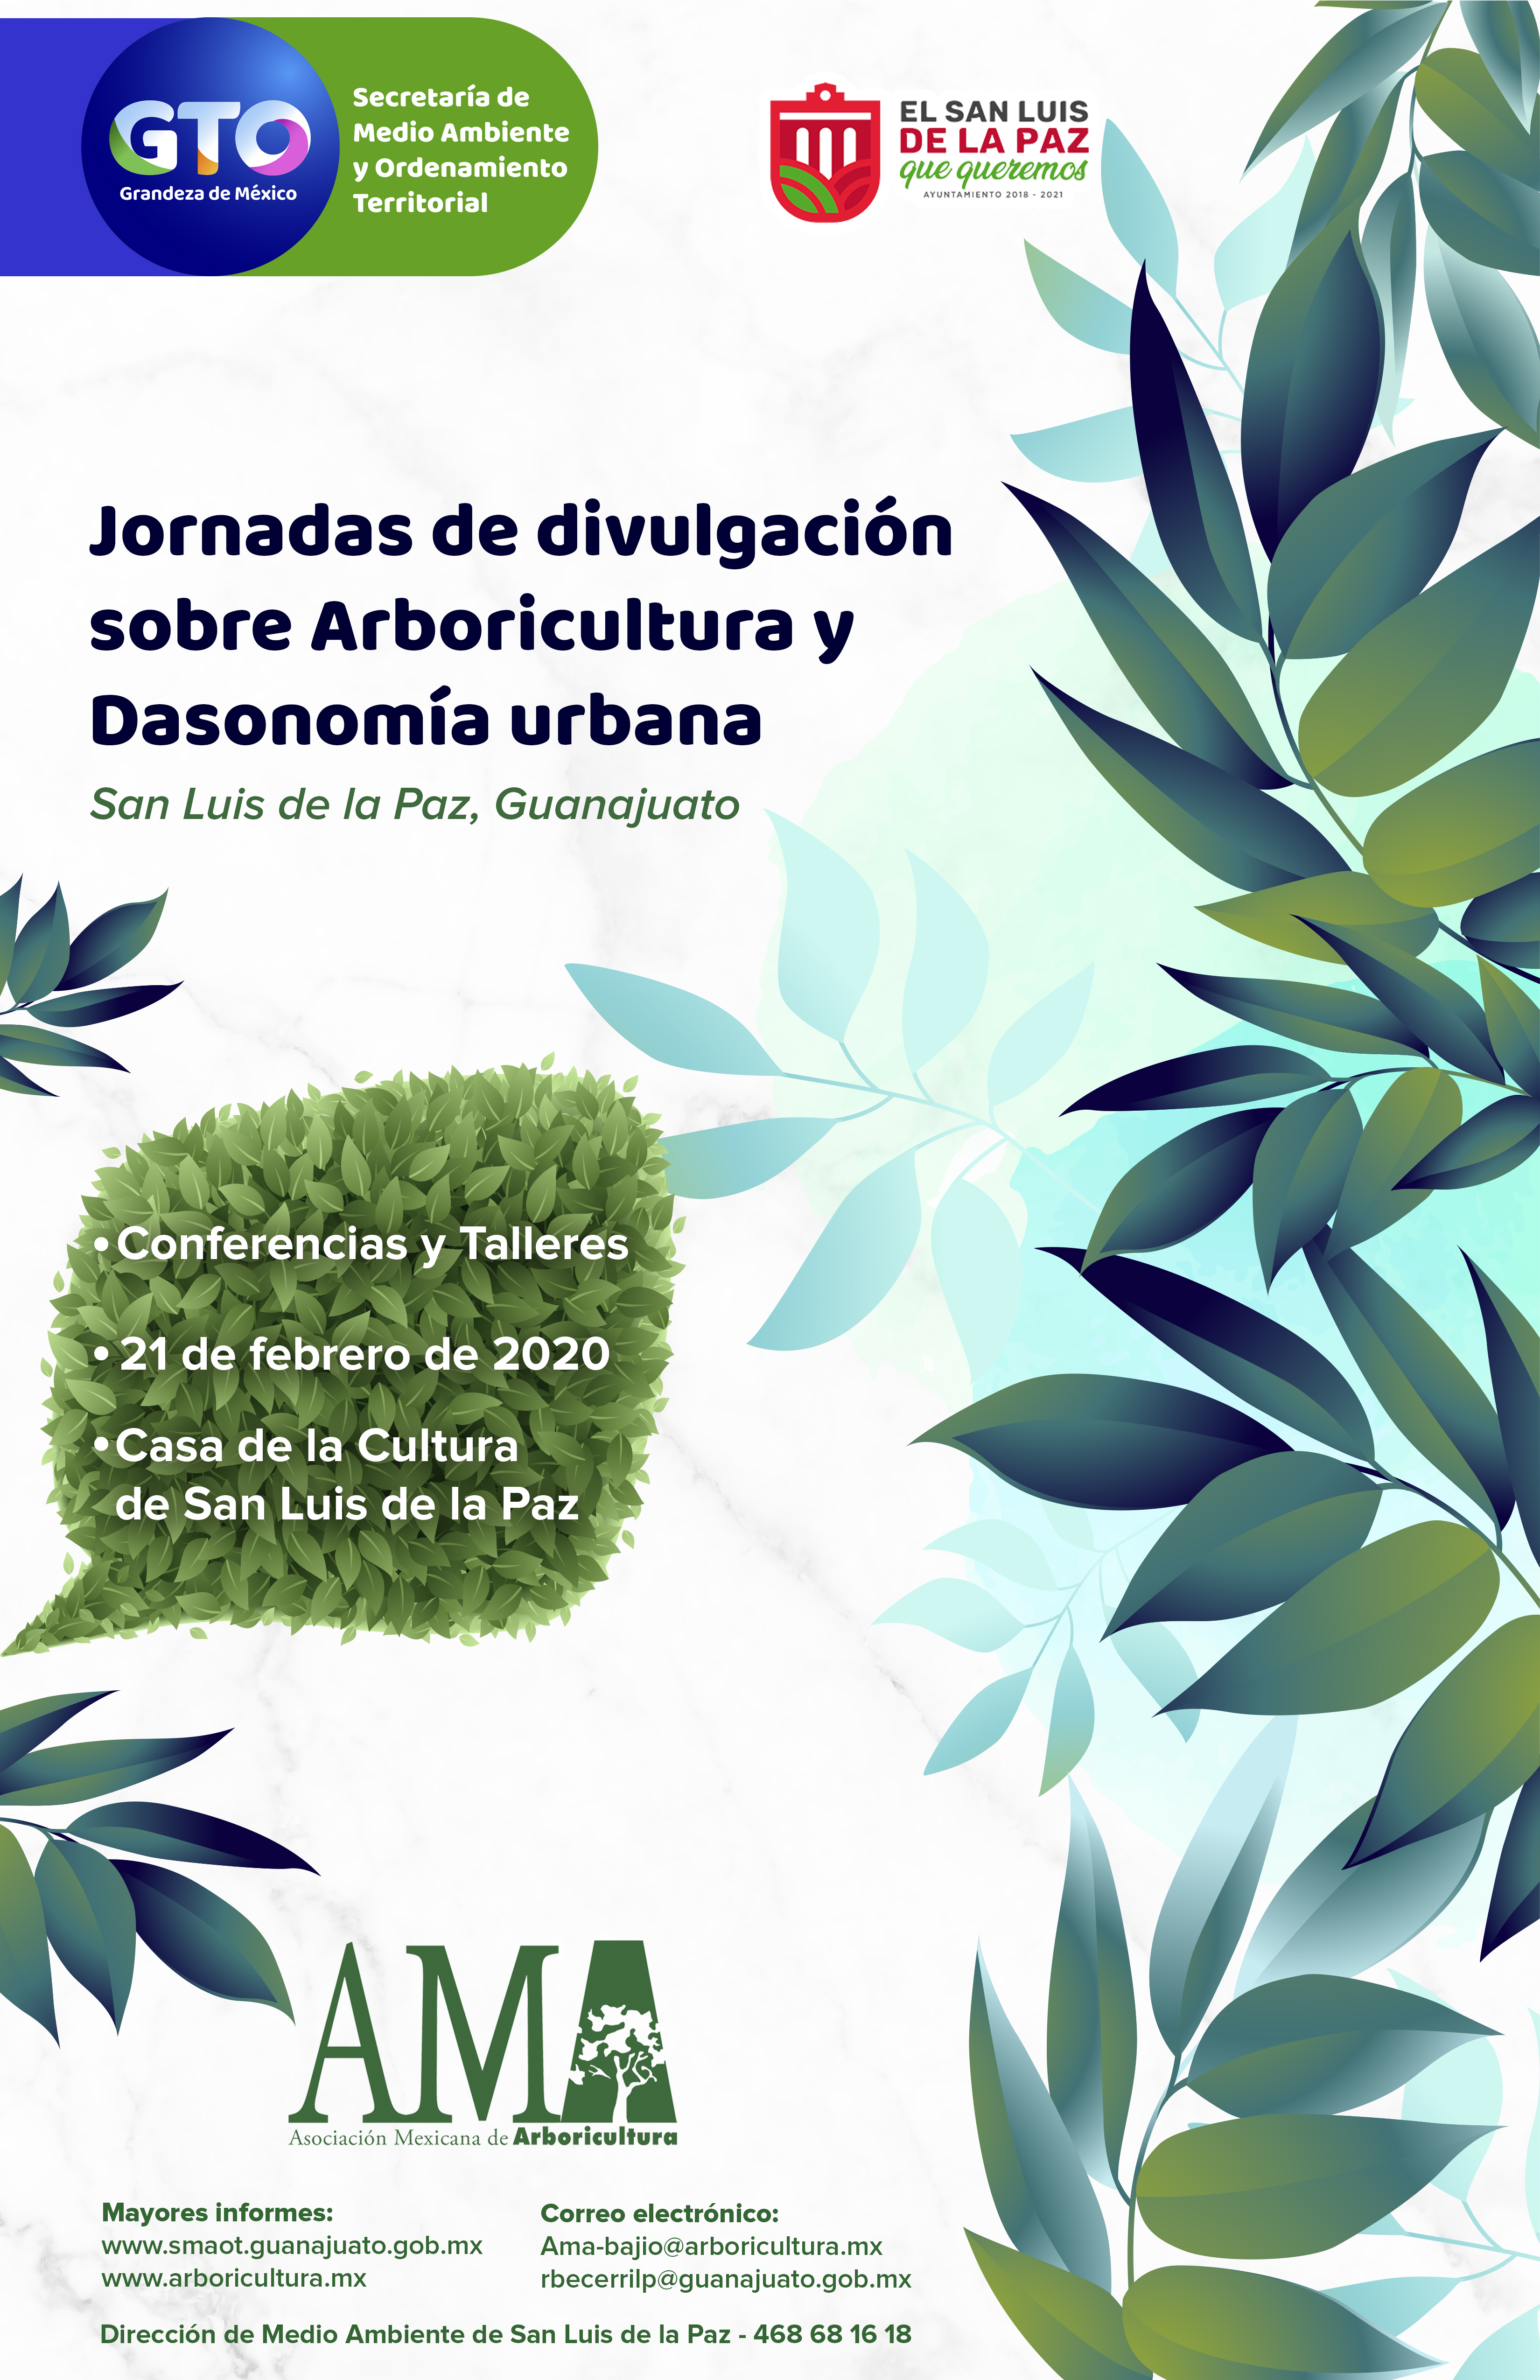 Jornadas de Divulgación sobre Arboricultura y Dasonomía Urbana